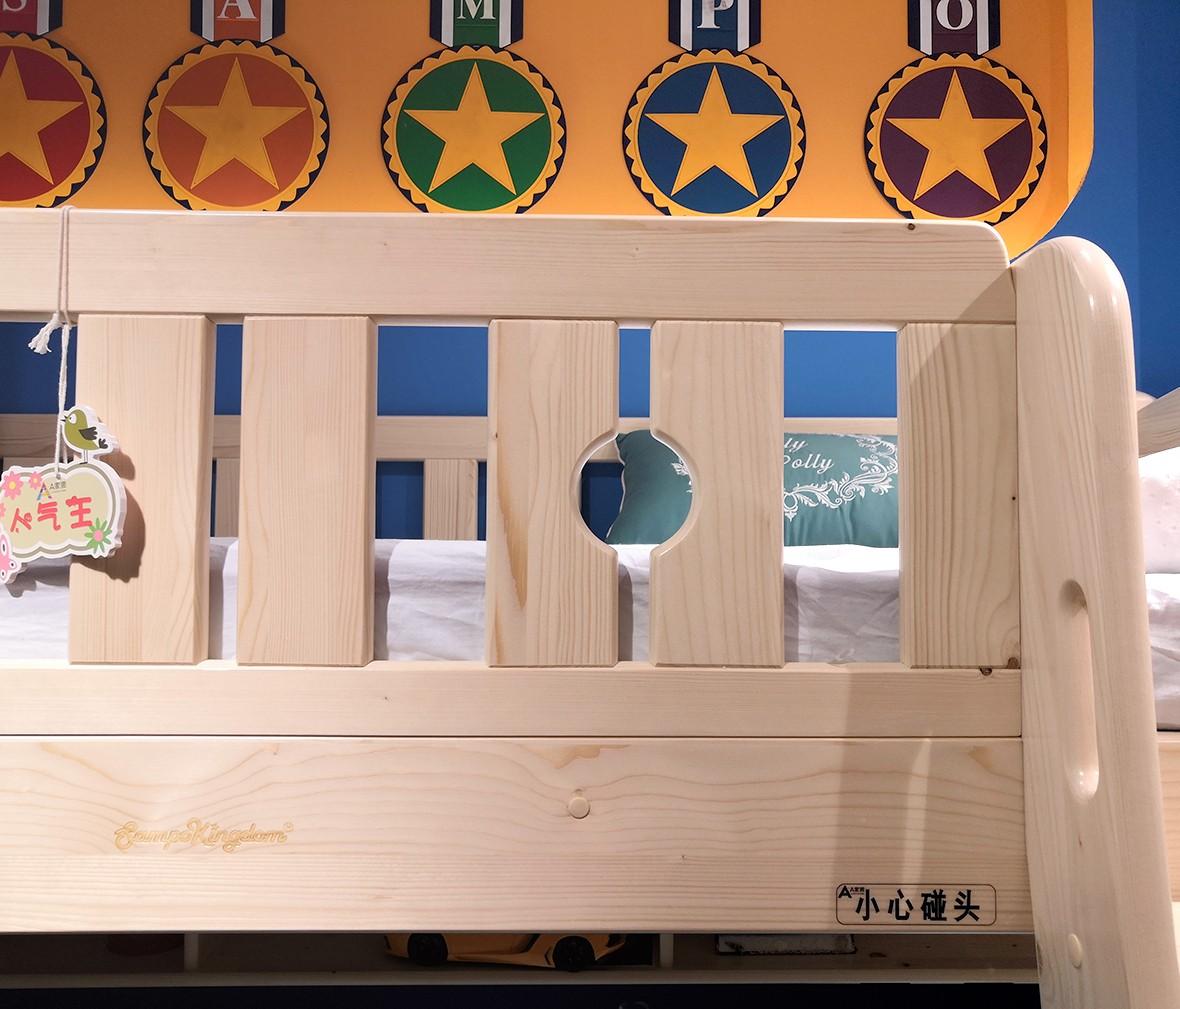 松堡王国 SP-4-C301S上下床 松木儿童家具 图片、价格、品牌、评测样样齐全!【蓝景商城正品行货,蓝景丽家大钟寺家居广场提货,北京地区配送,领券更优惠,线上线下同品同价,立即购买享受更多优惠哦!】